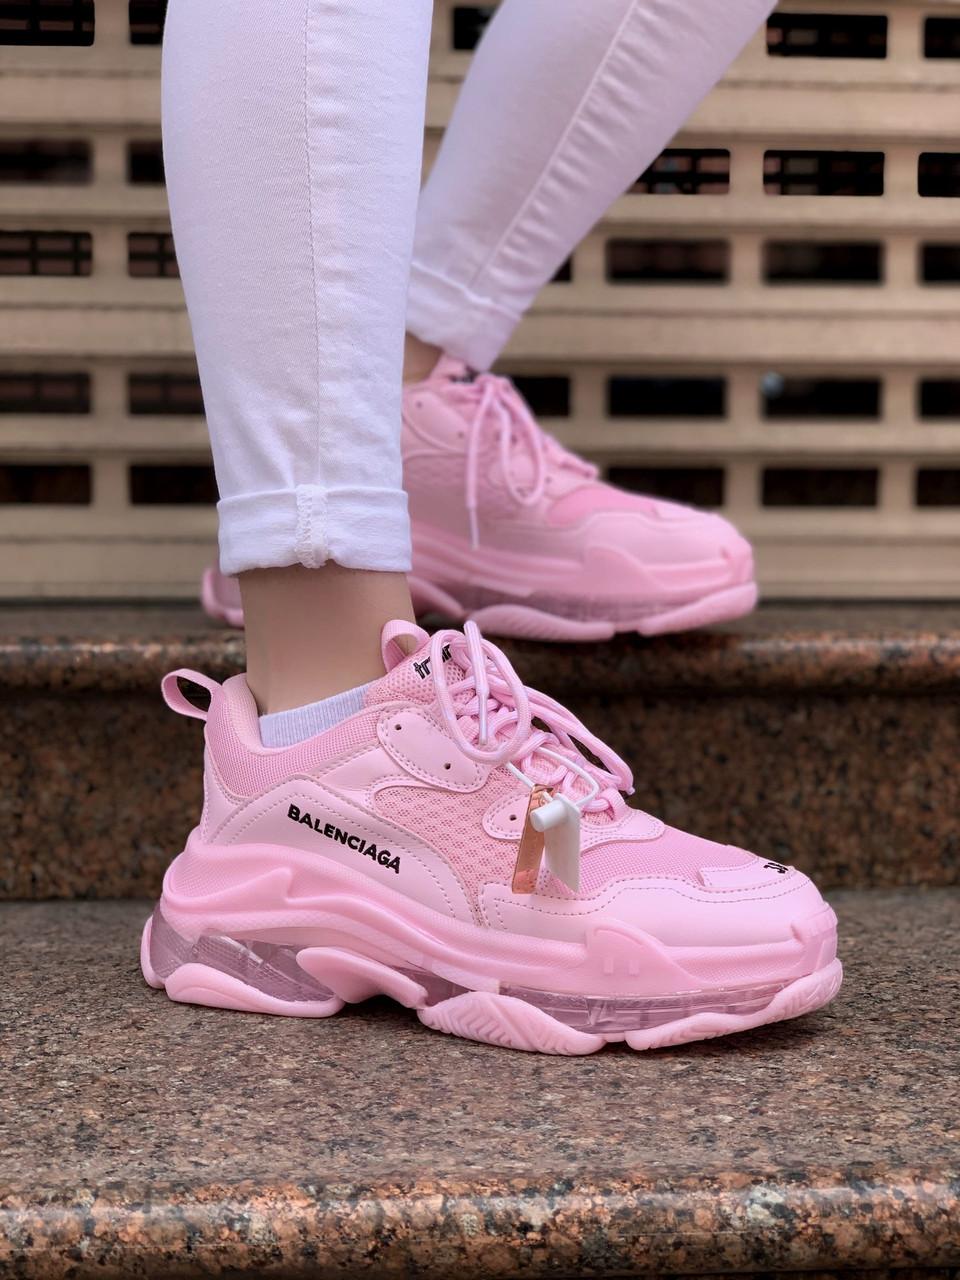 Женские кроссовки Balenciaga Triple S Розовые, Реплика